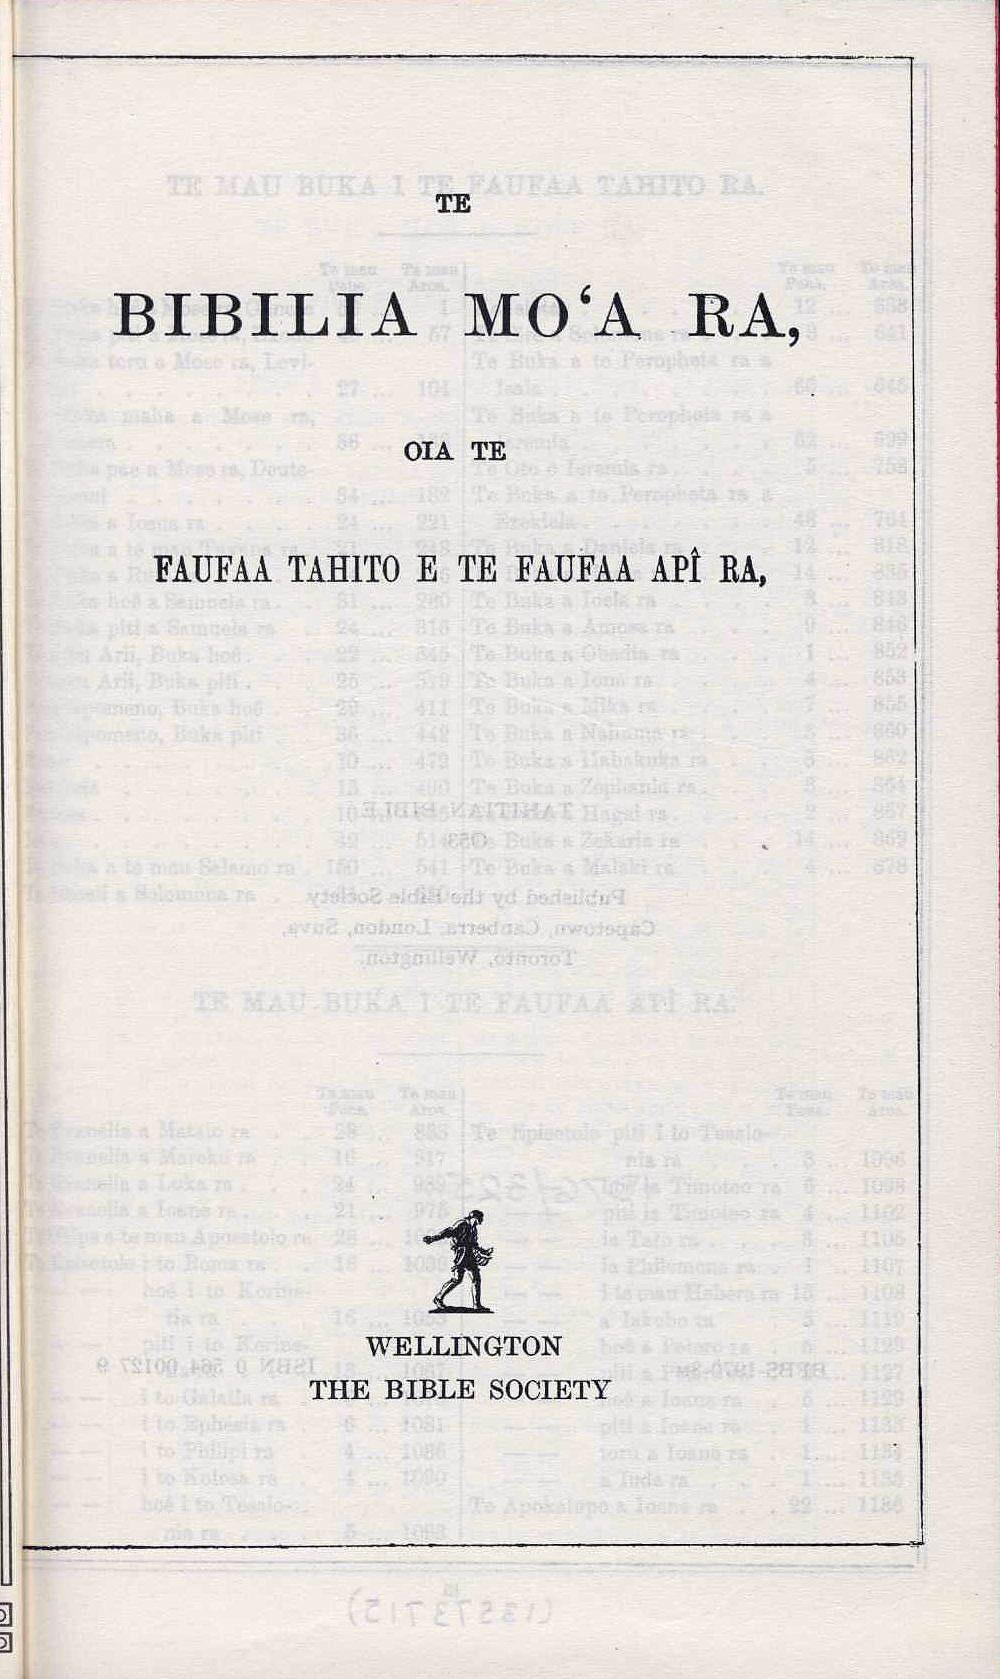 [Bible in Tahitian]. <em>Te Bibilia Mo'a Ra oia te Faufaa Tahito e te Faufaa Api ra.</em> Wellington: British and Foreign Bible Society, 1970.